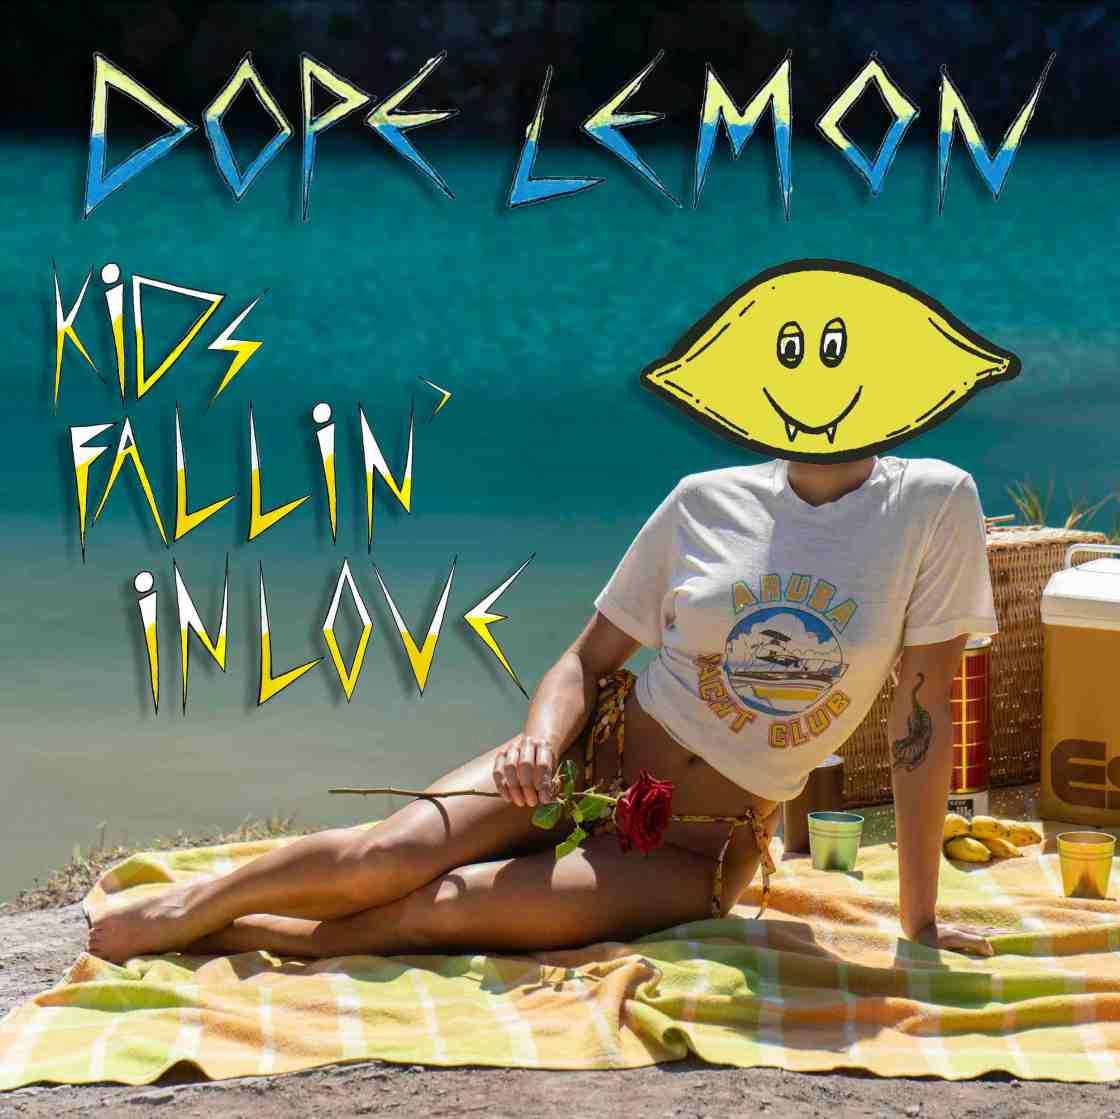 Dope Lemon - Kids Fallin' In Love